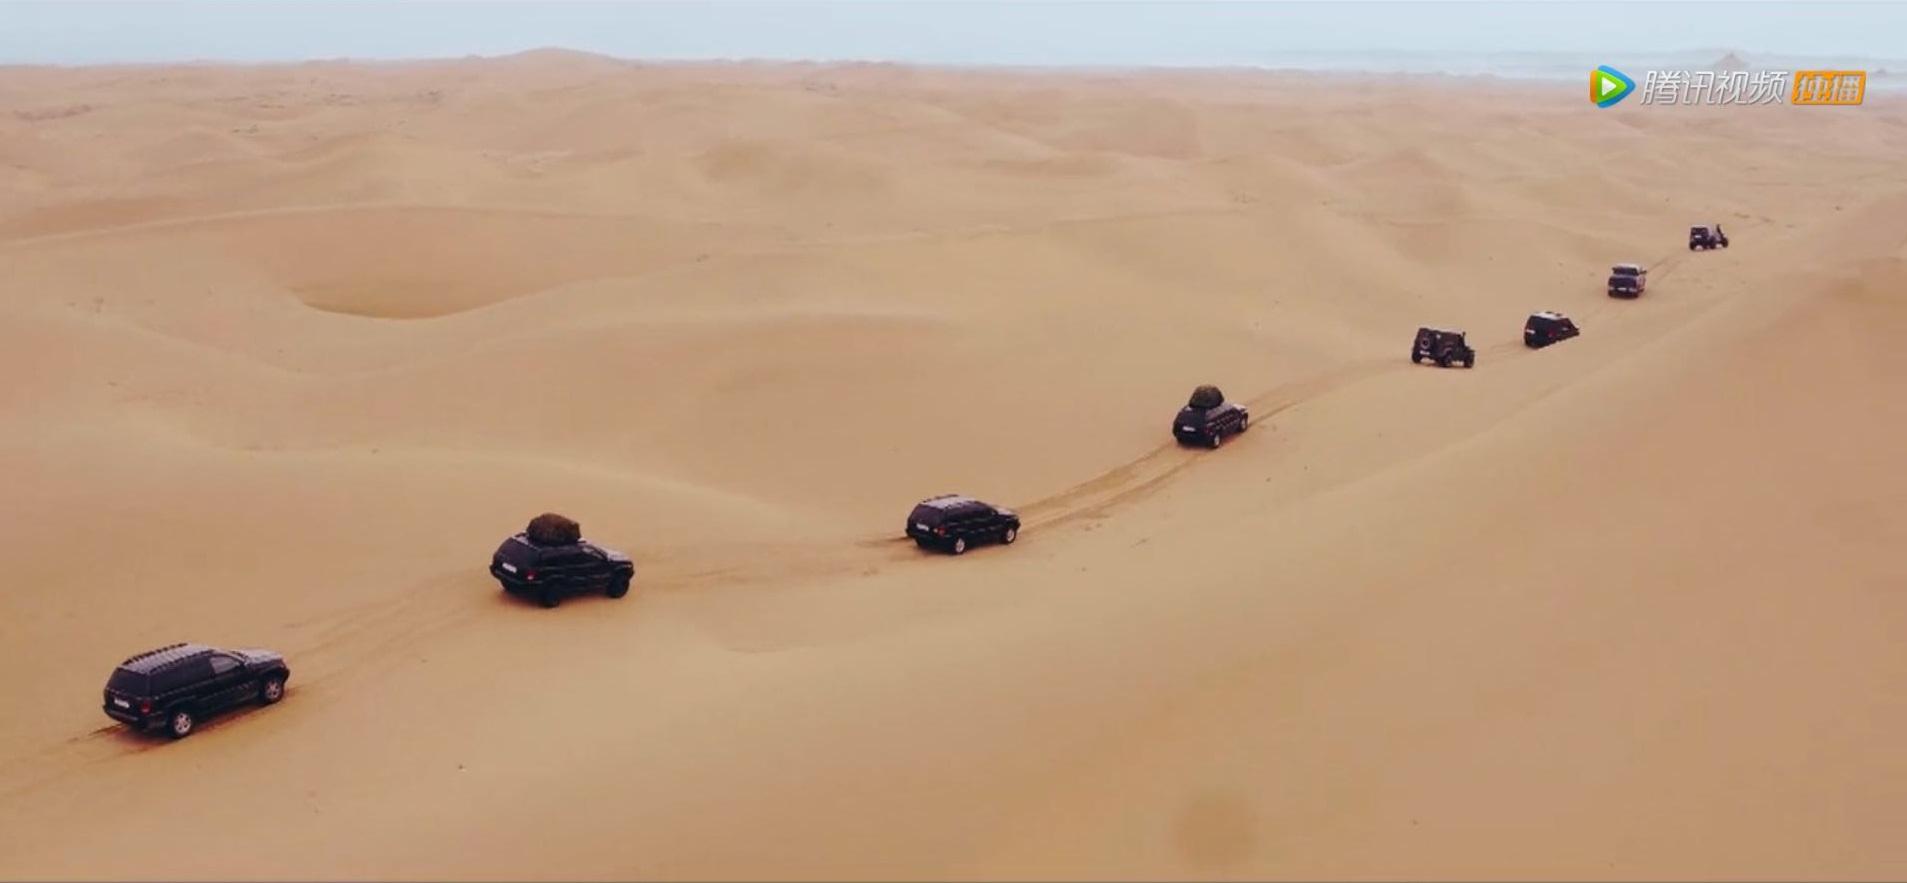 这些细节告诉你《沙海》的制作有多棒的照片 - 3